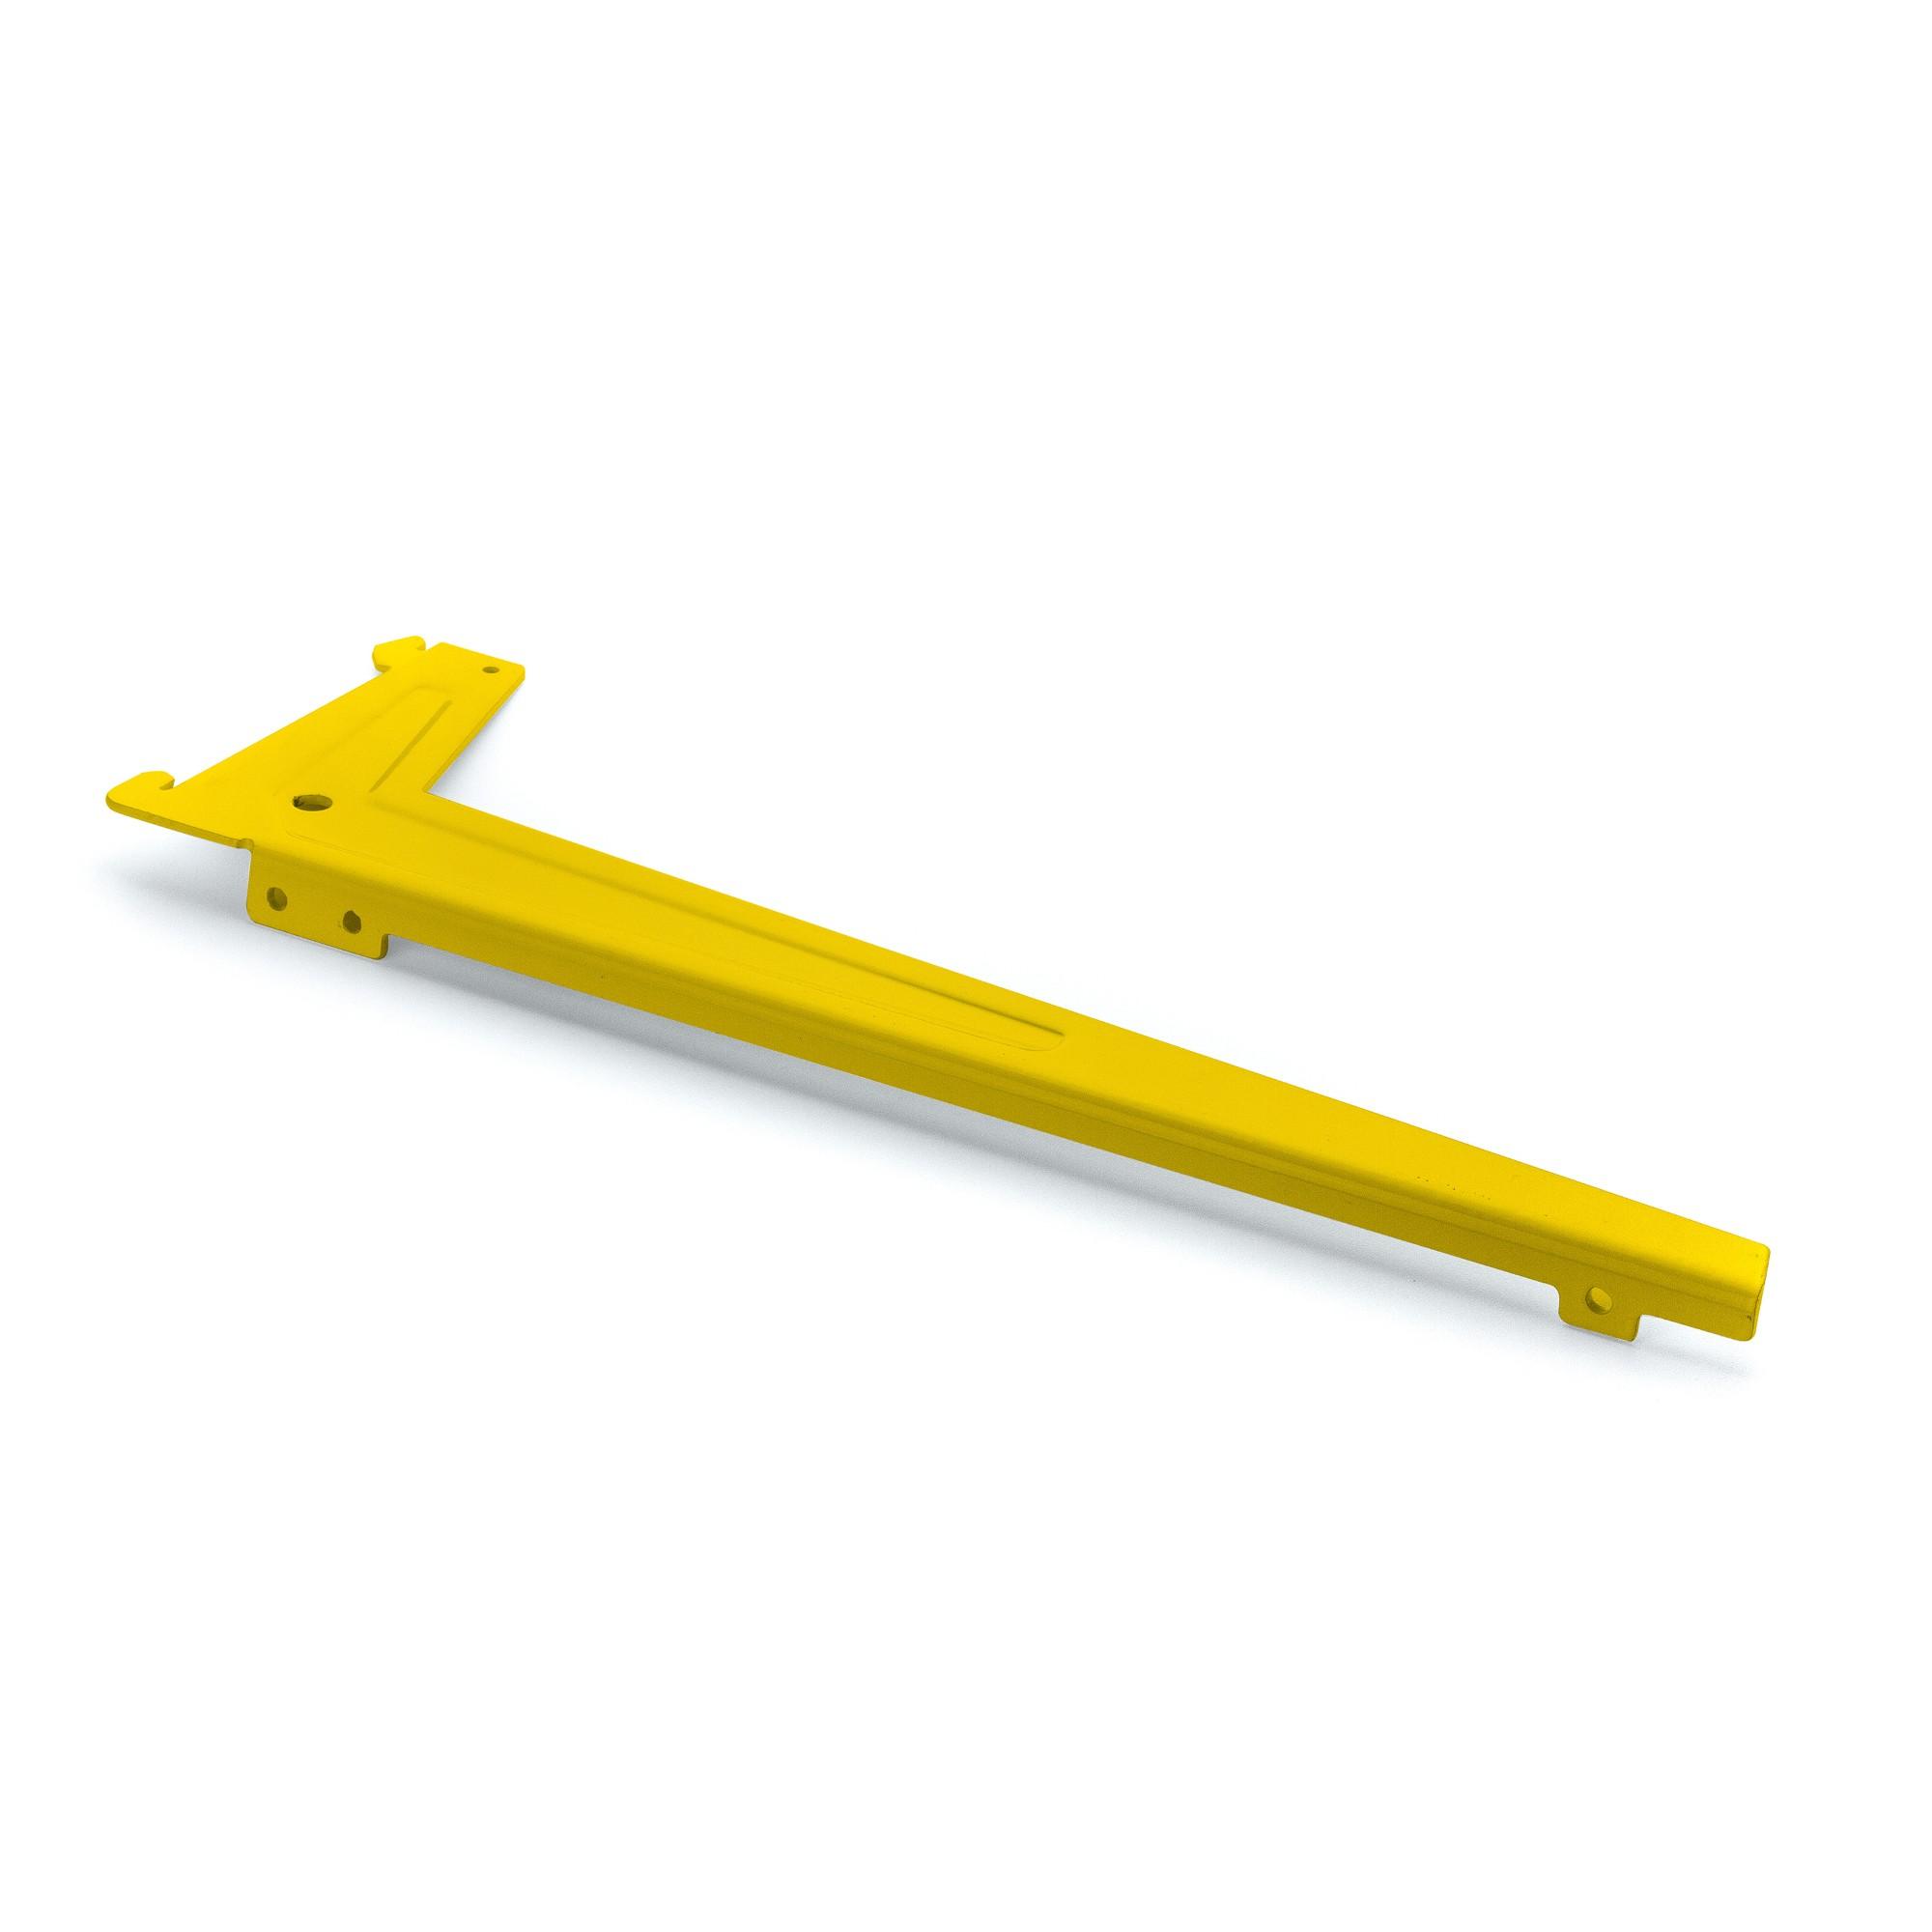 Suporte para Trilho Aco 241cm Encaixe Simples Aba Esquerda Amarelo - Fico